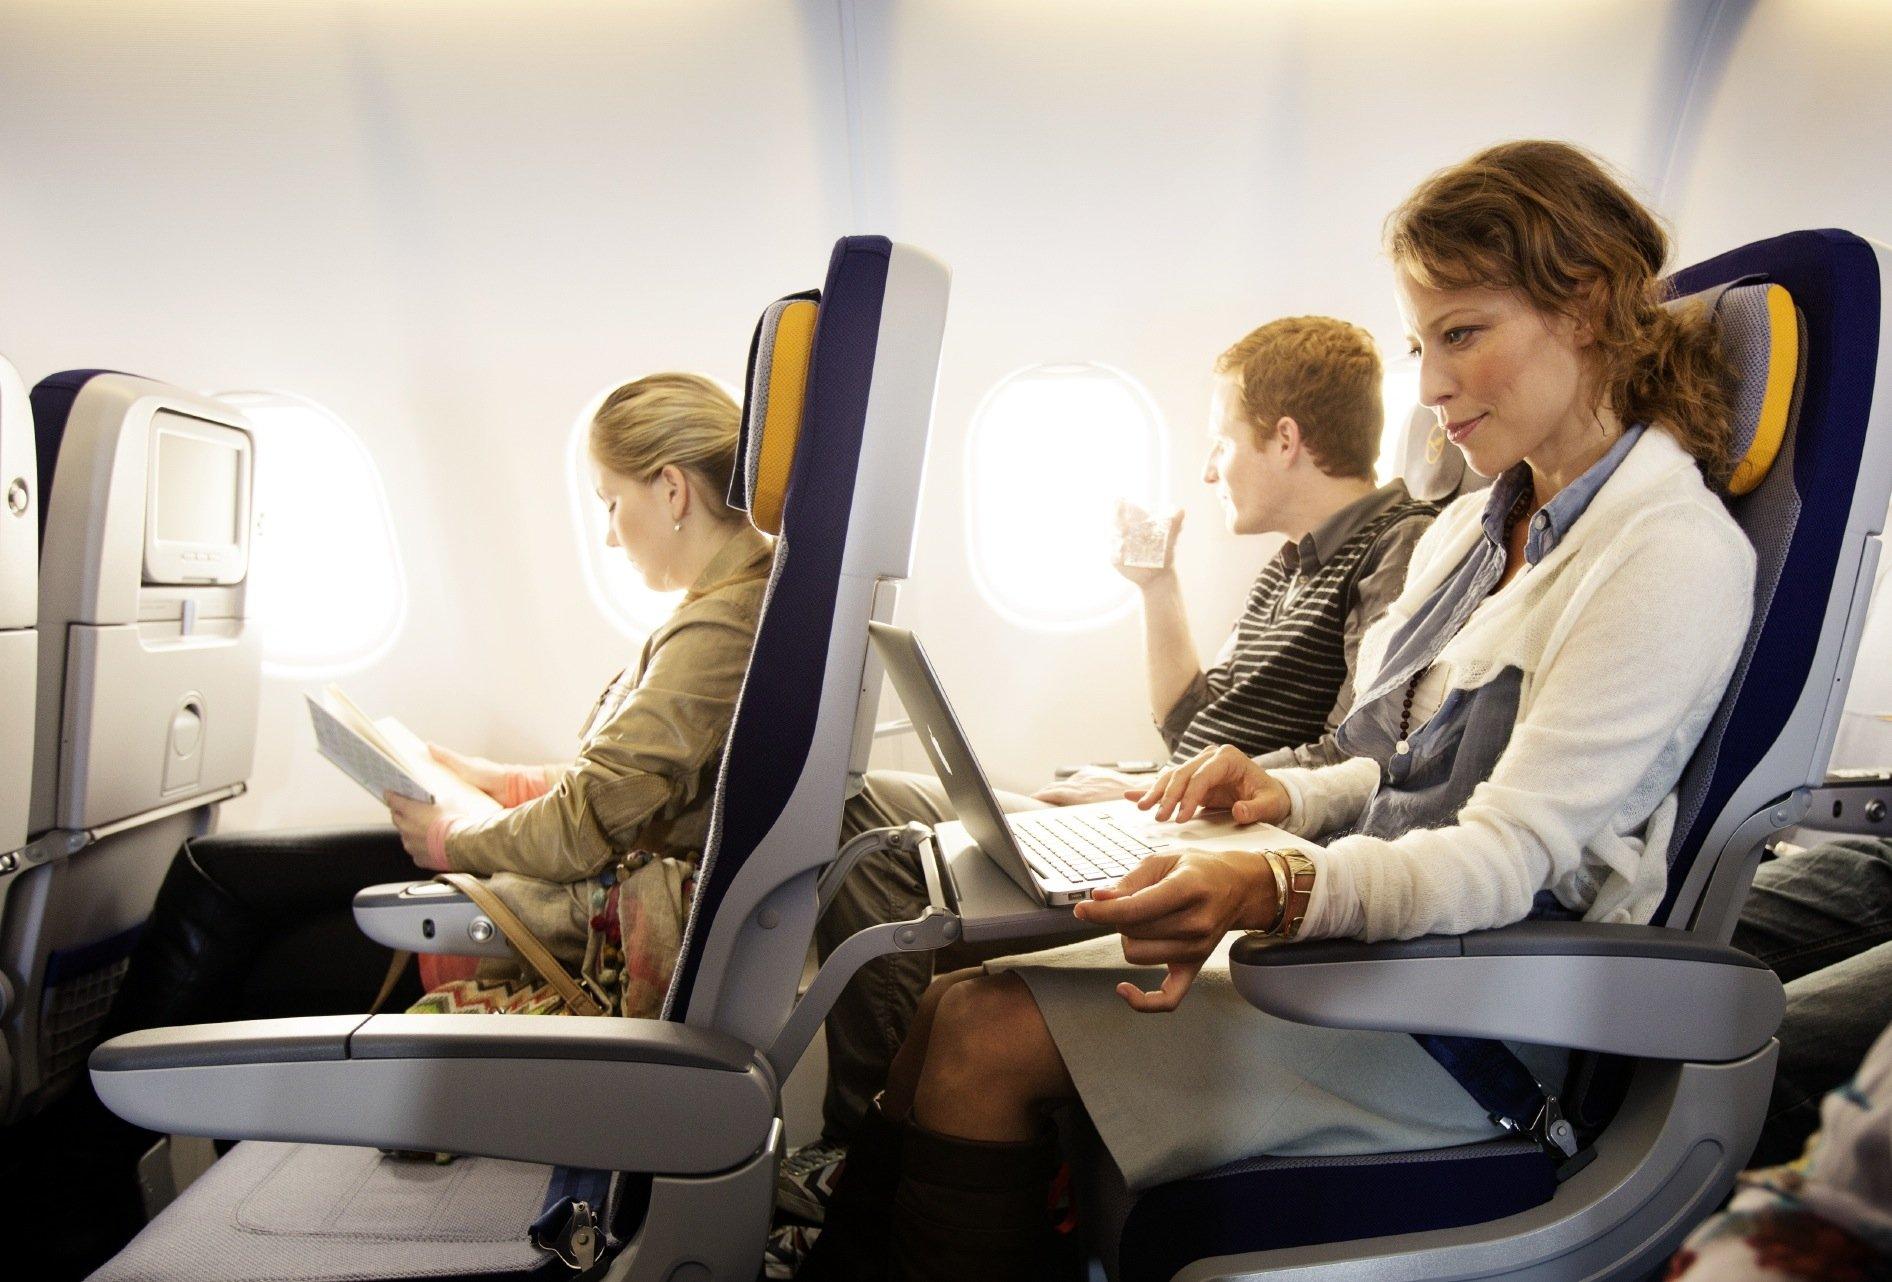 Künftig können auch Fluggäste in der Economy-Klasse im Internet unterwegs sein, während sie fliegen.